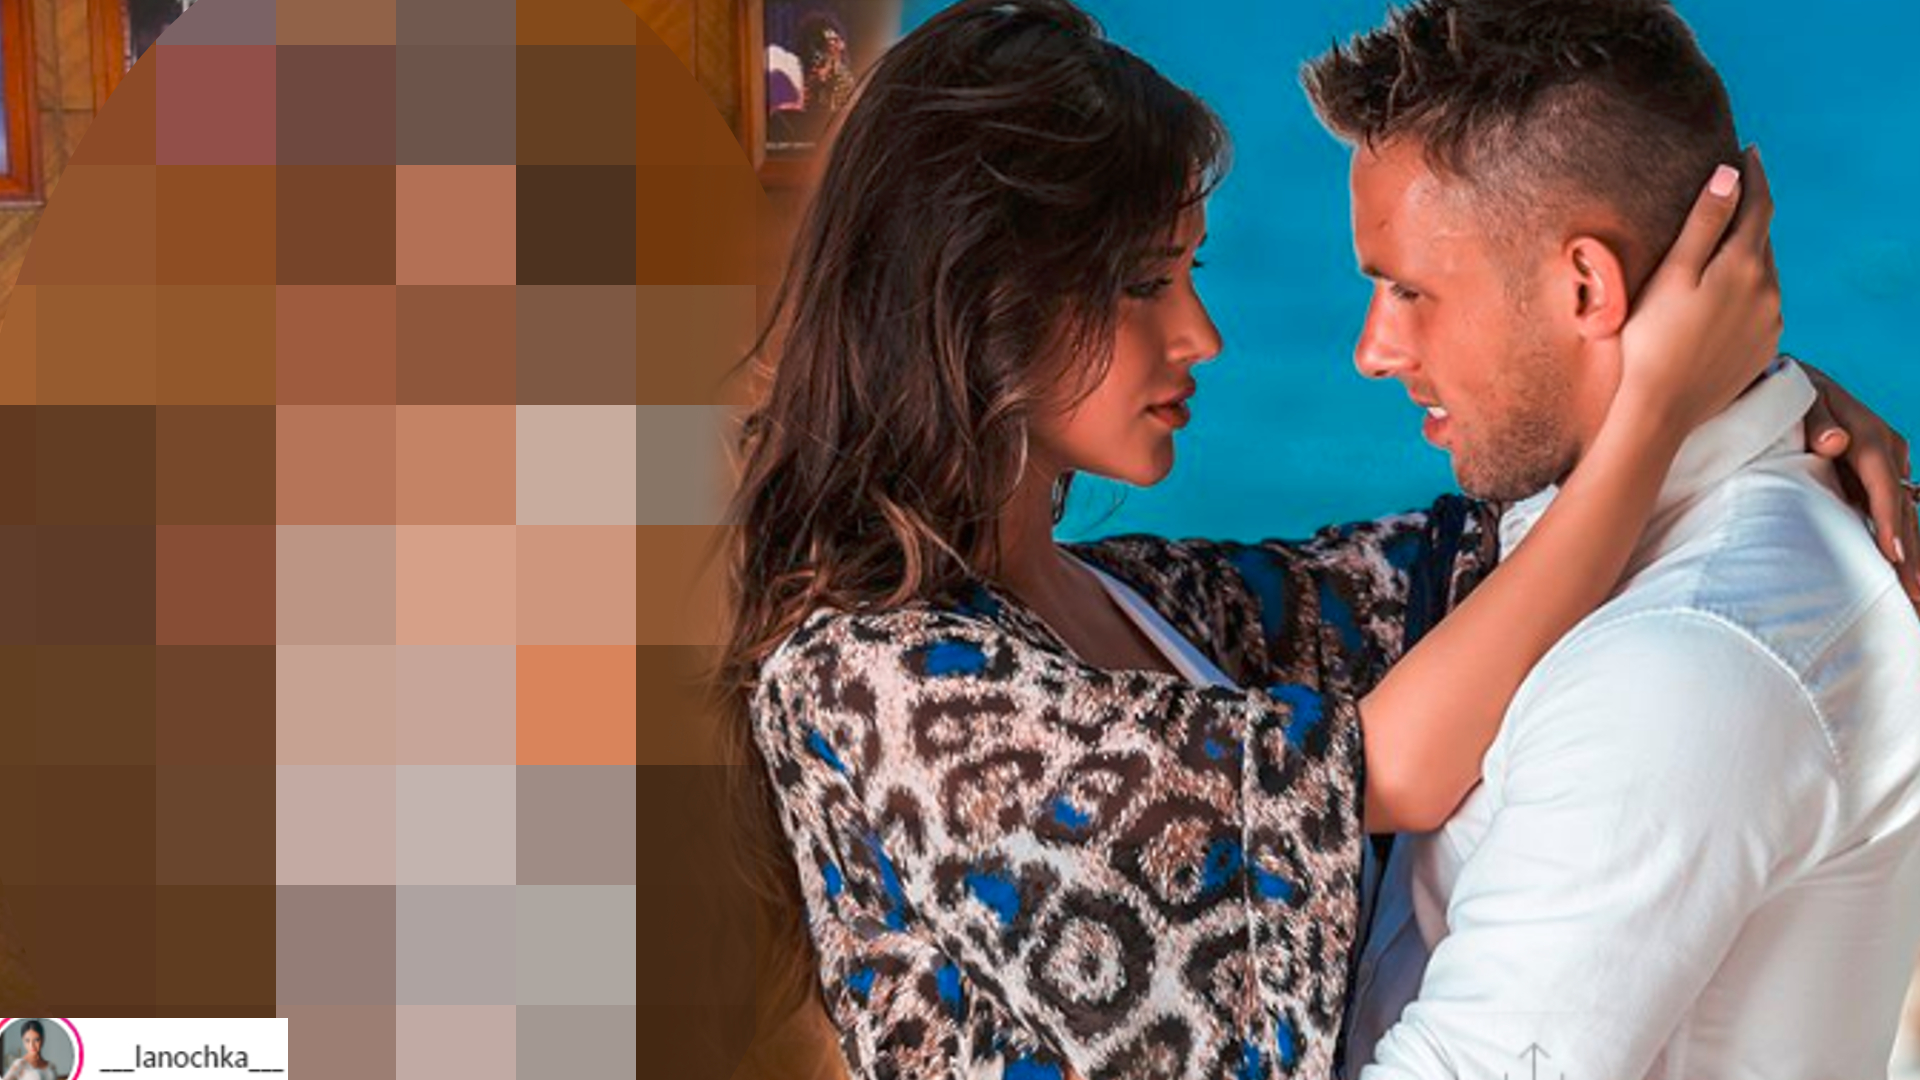 Dorodna Lana Rybus pokazuje OGROMNY ciążowy brzuch! Internauci klną z zachwytu